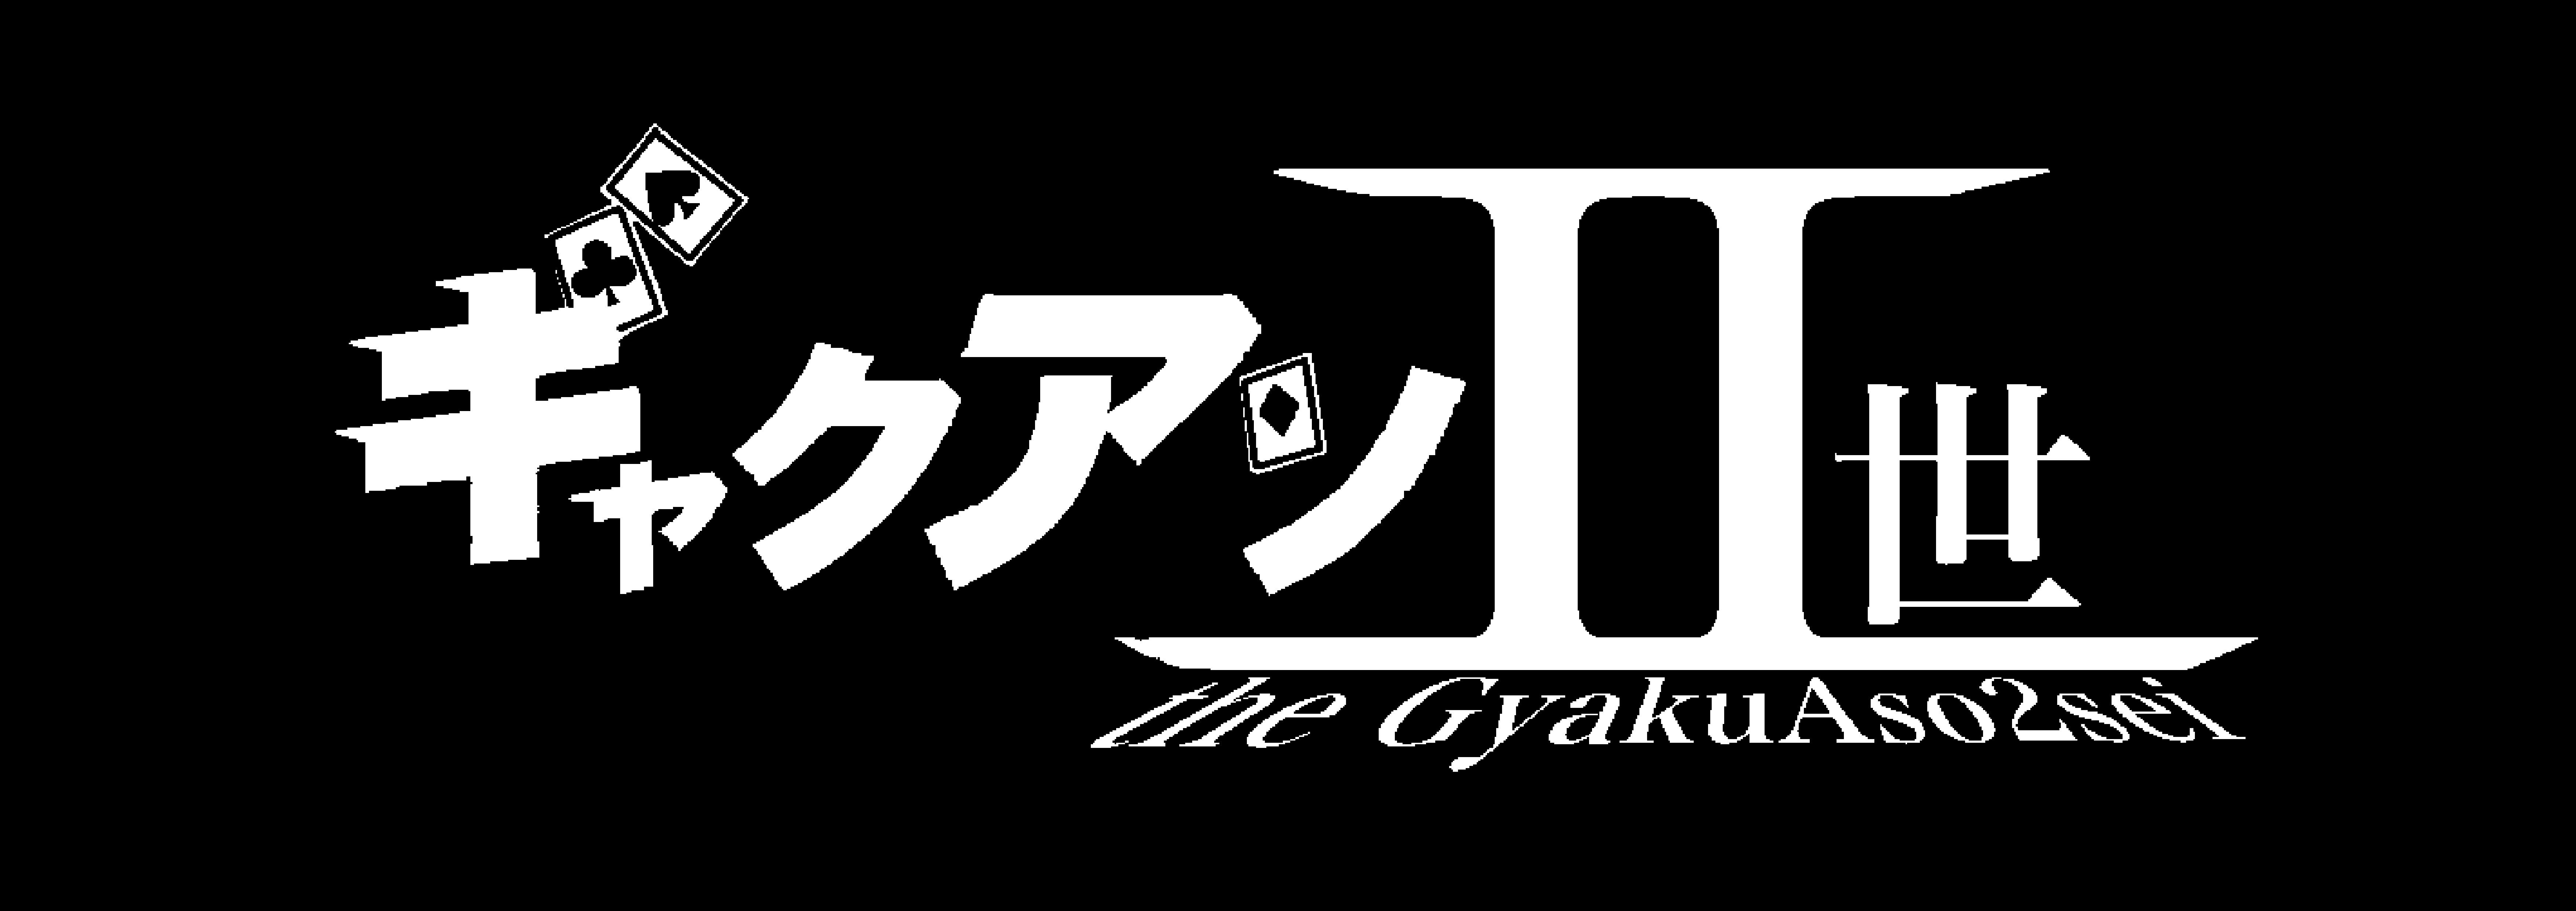 コミックブログ・ギャクアソ2世...